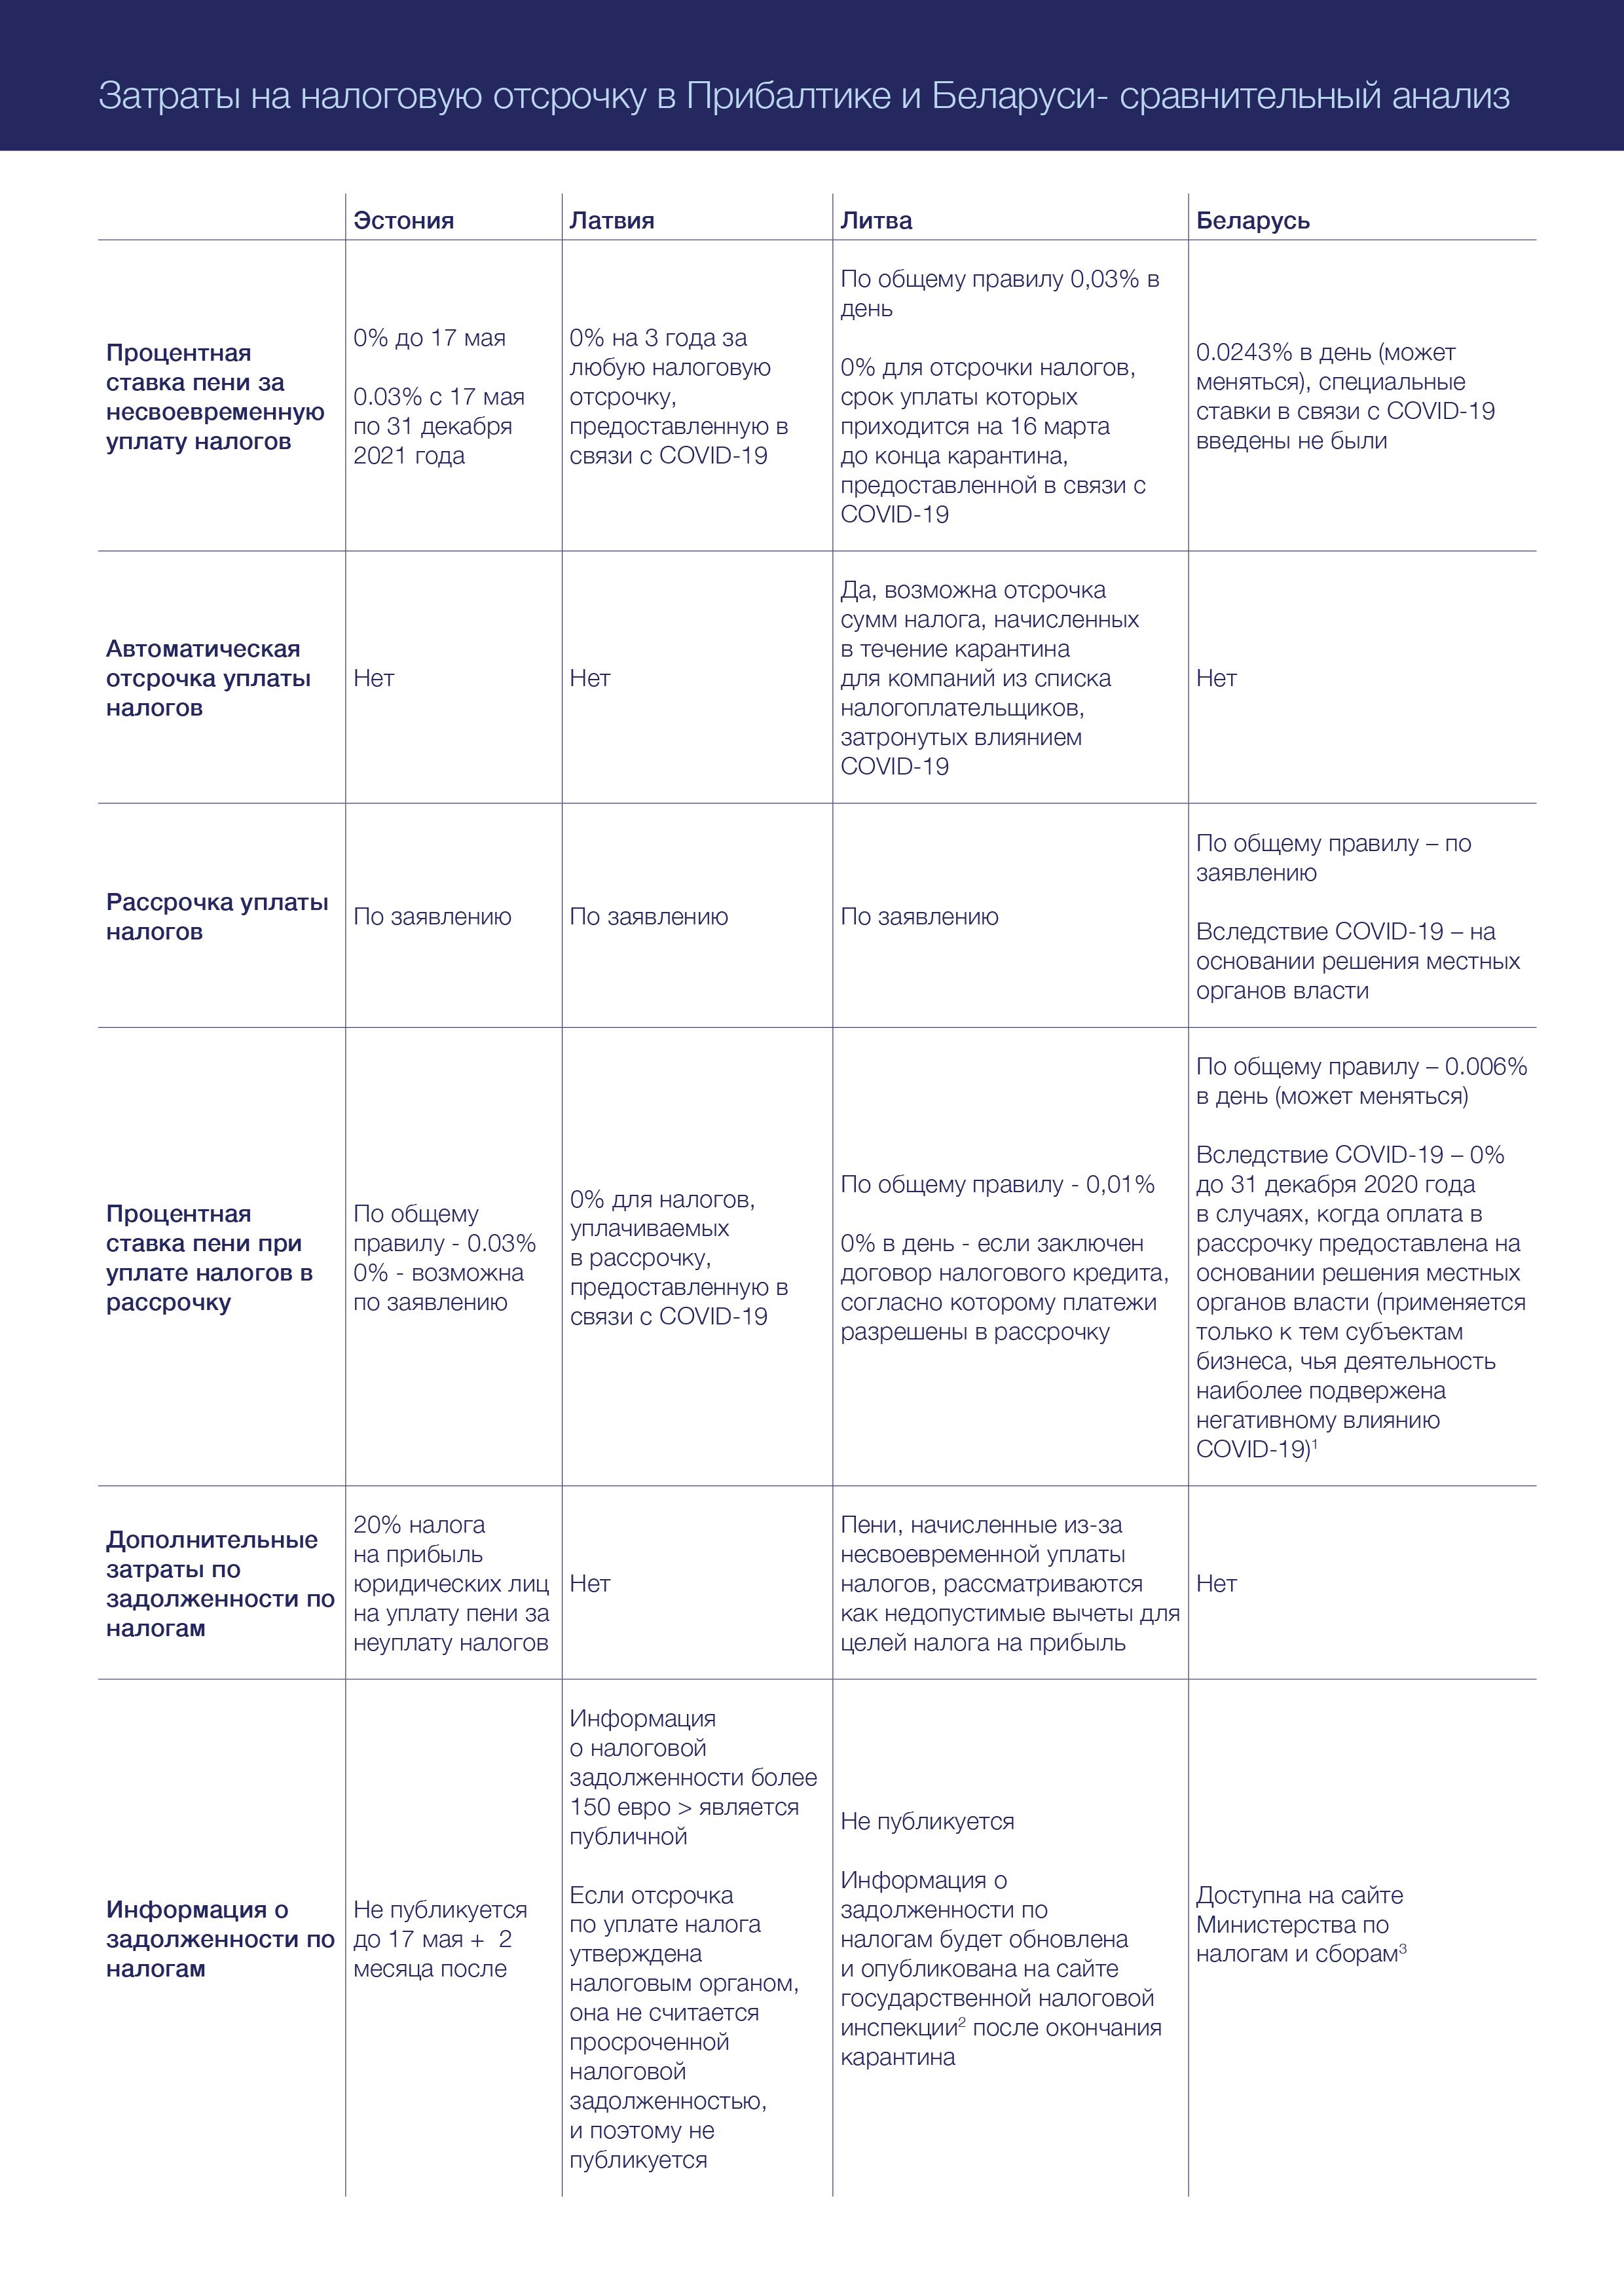 Затраты на налоговую отсрочку в Прибалтике и Беларуси